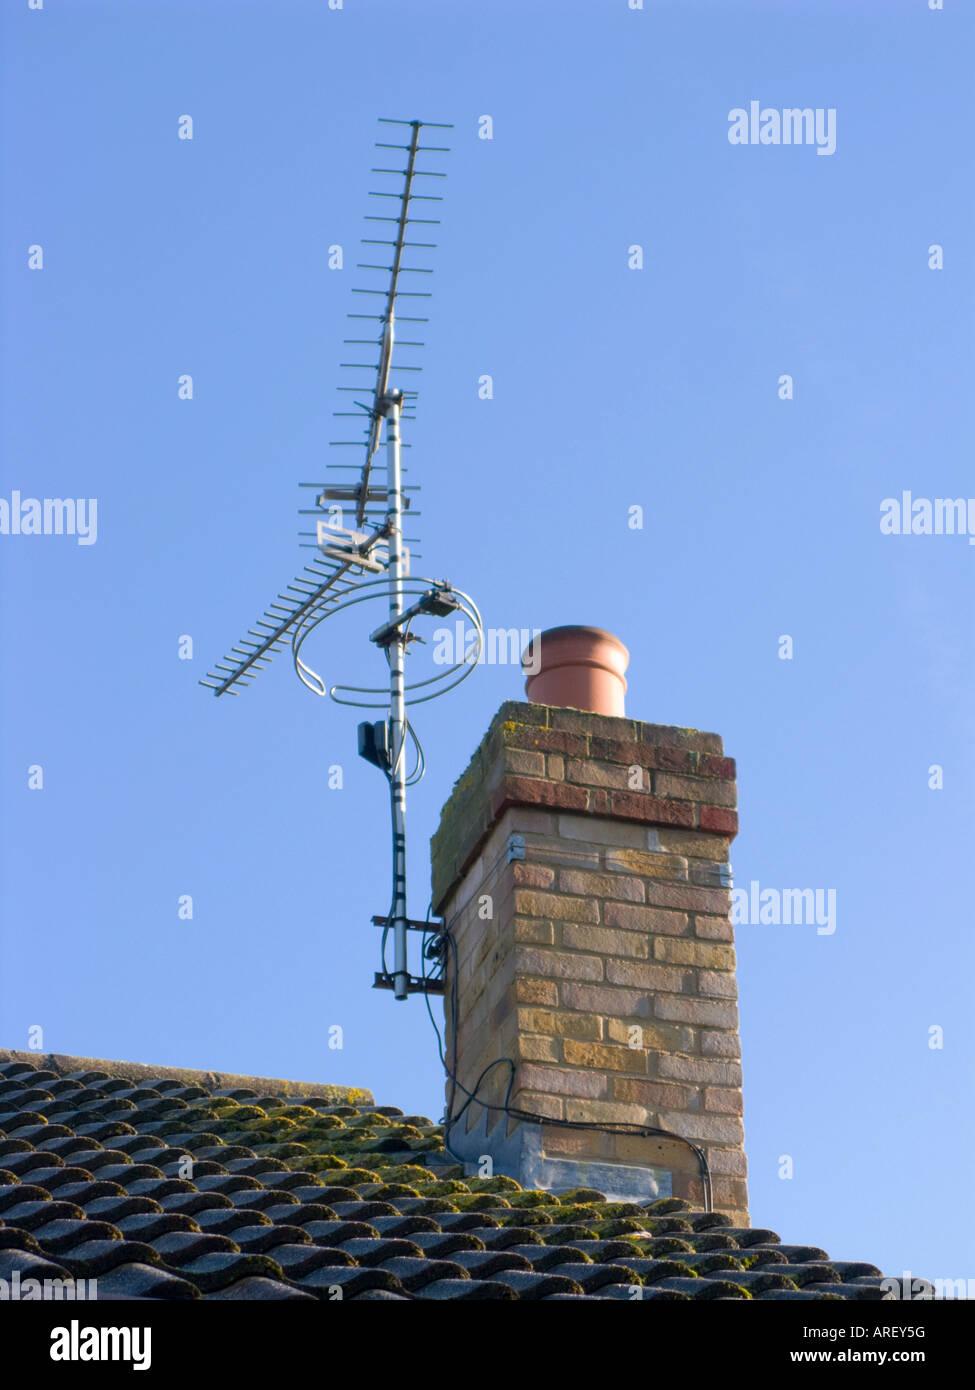 Imagen en color, mirando al techo y chimley que tiene una antena de televisión conectado a él, el azul claro del cielo Foto de stock